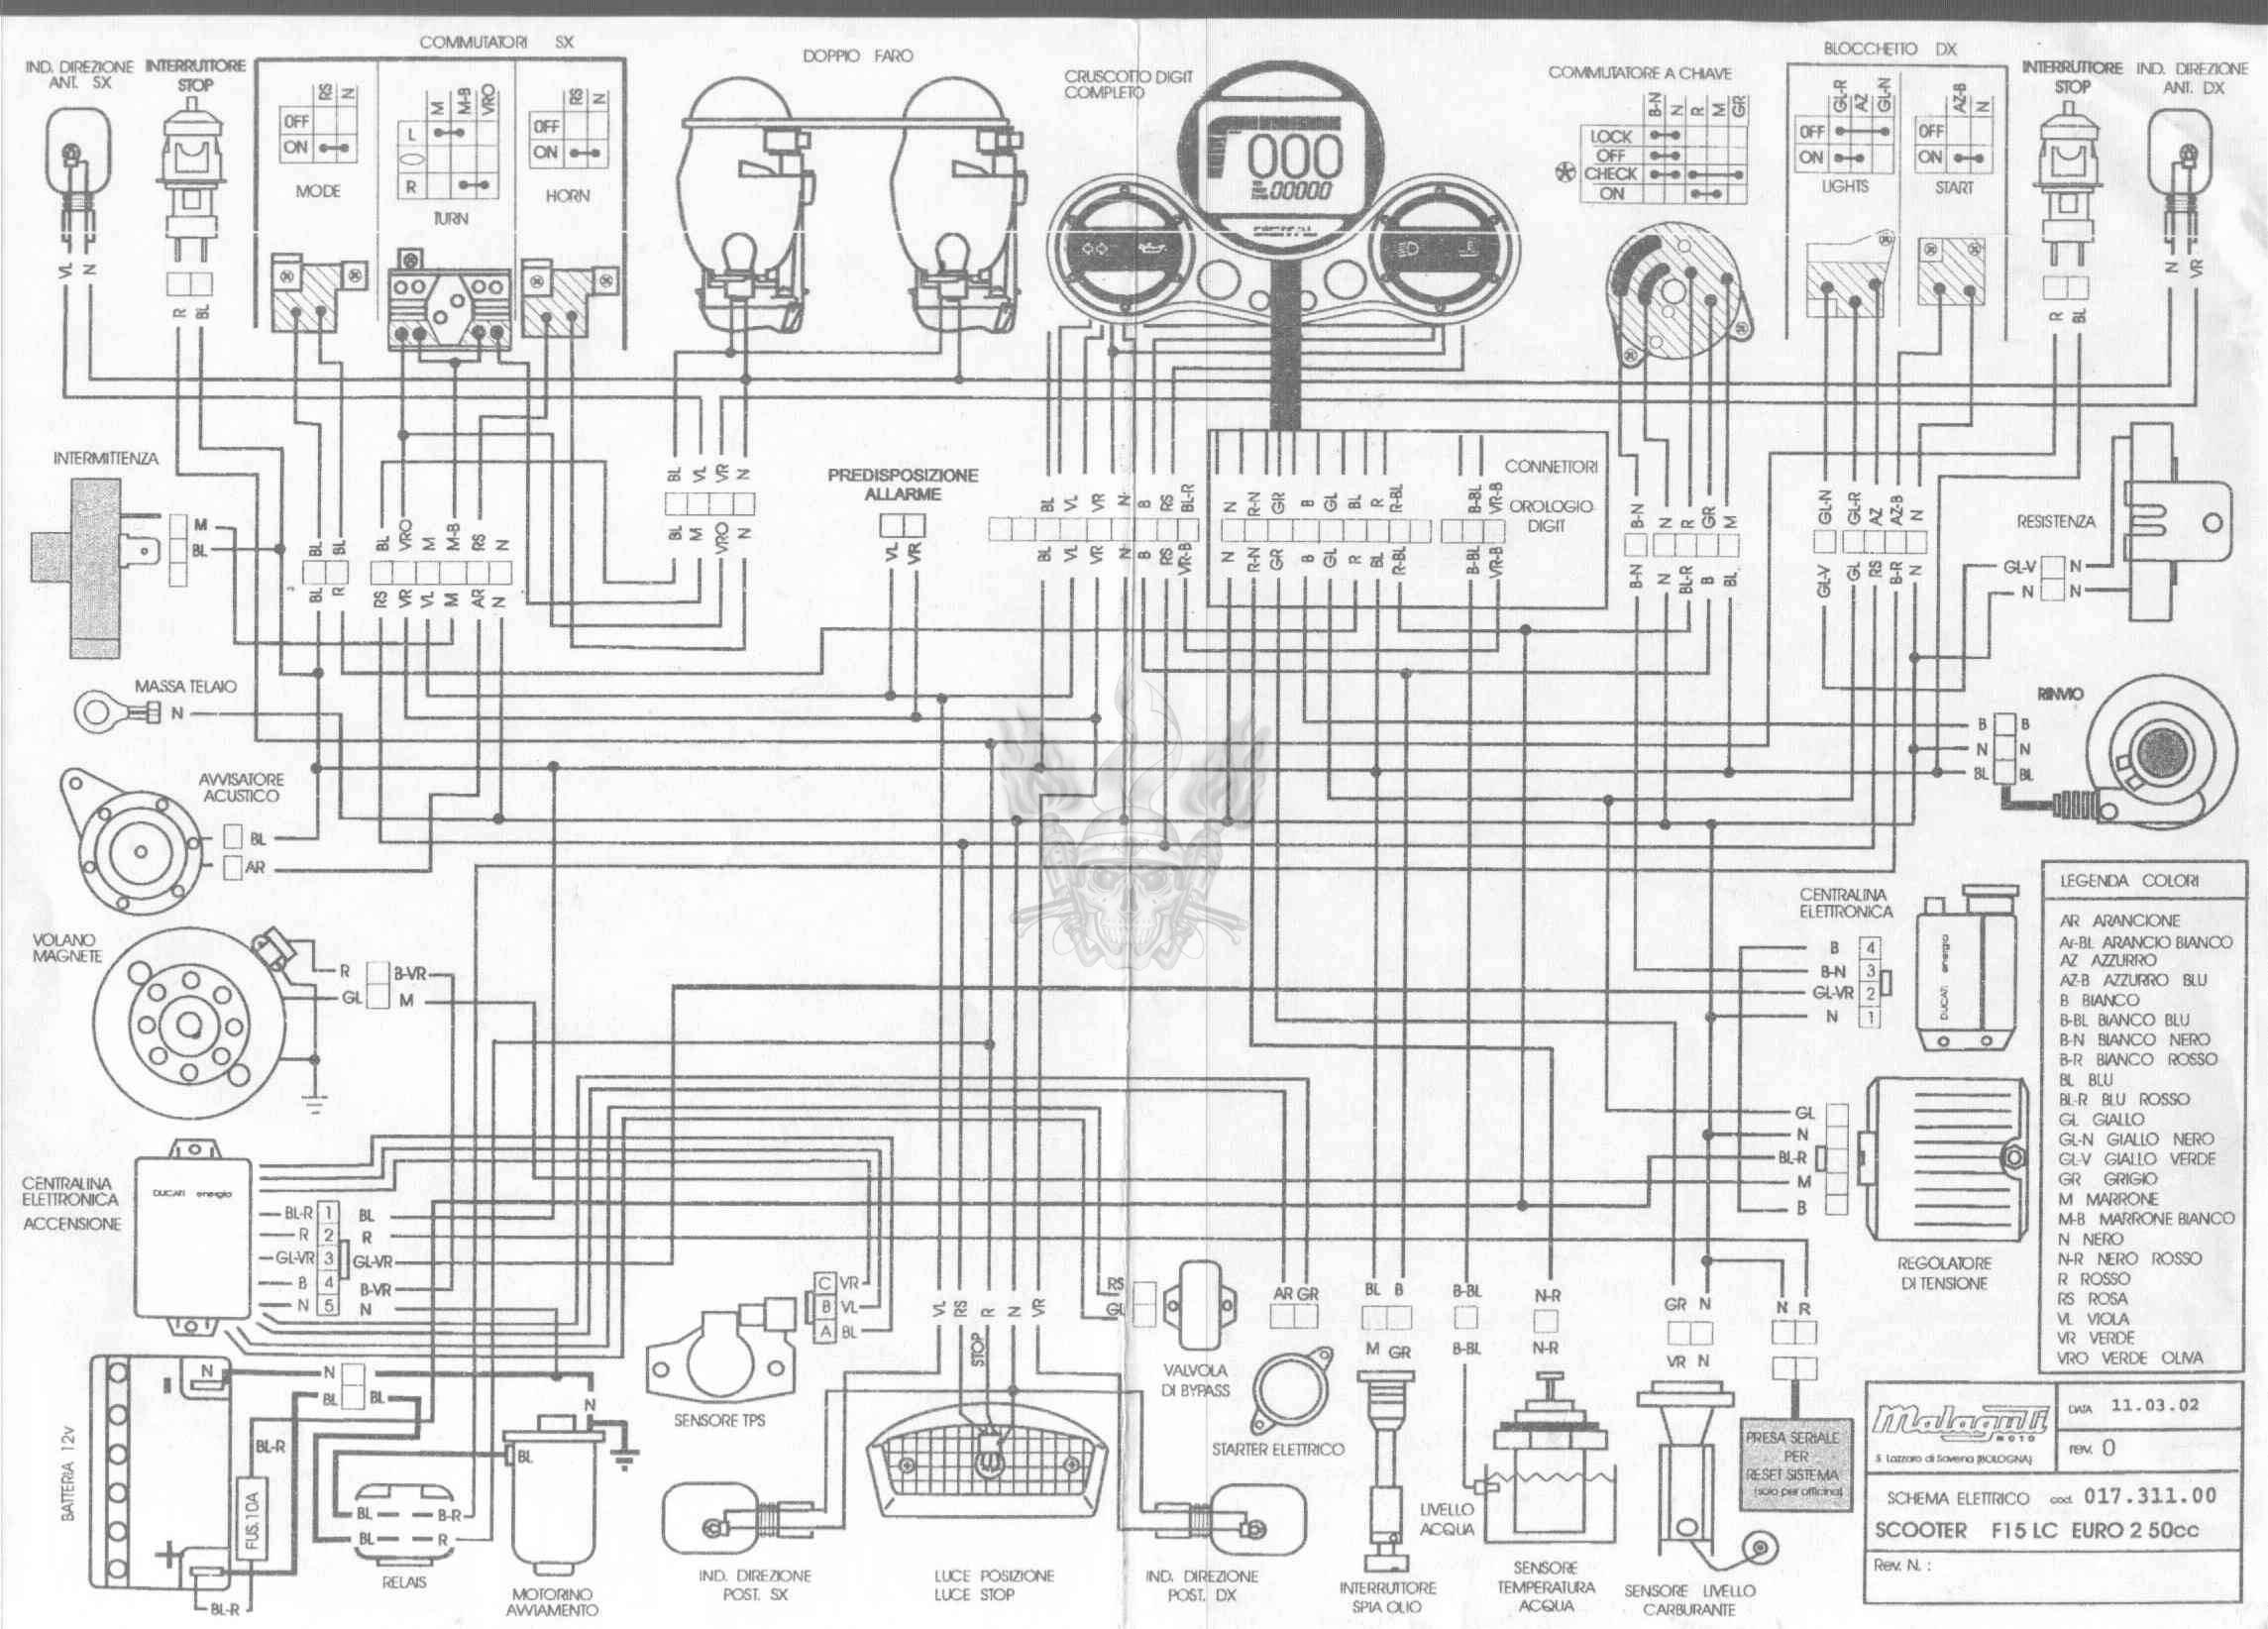 Amusing BMW F15 Wiring Diagram Photos - Best Image Wire - binvm.us